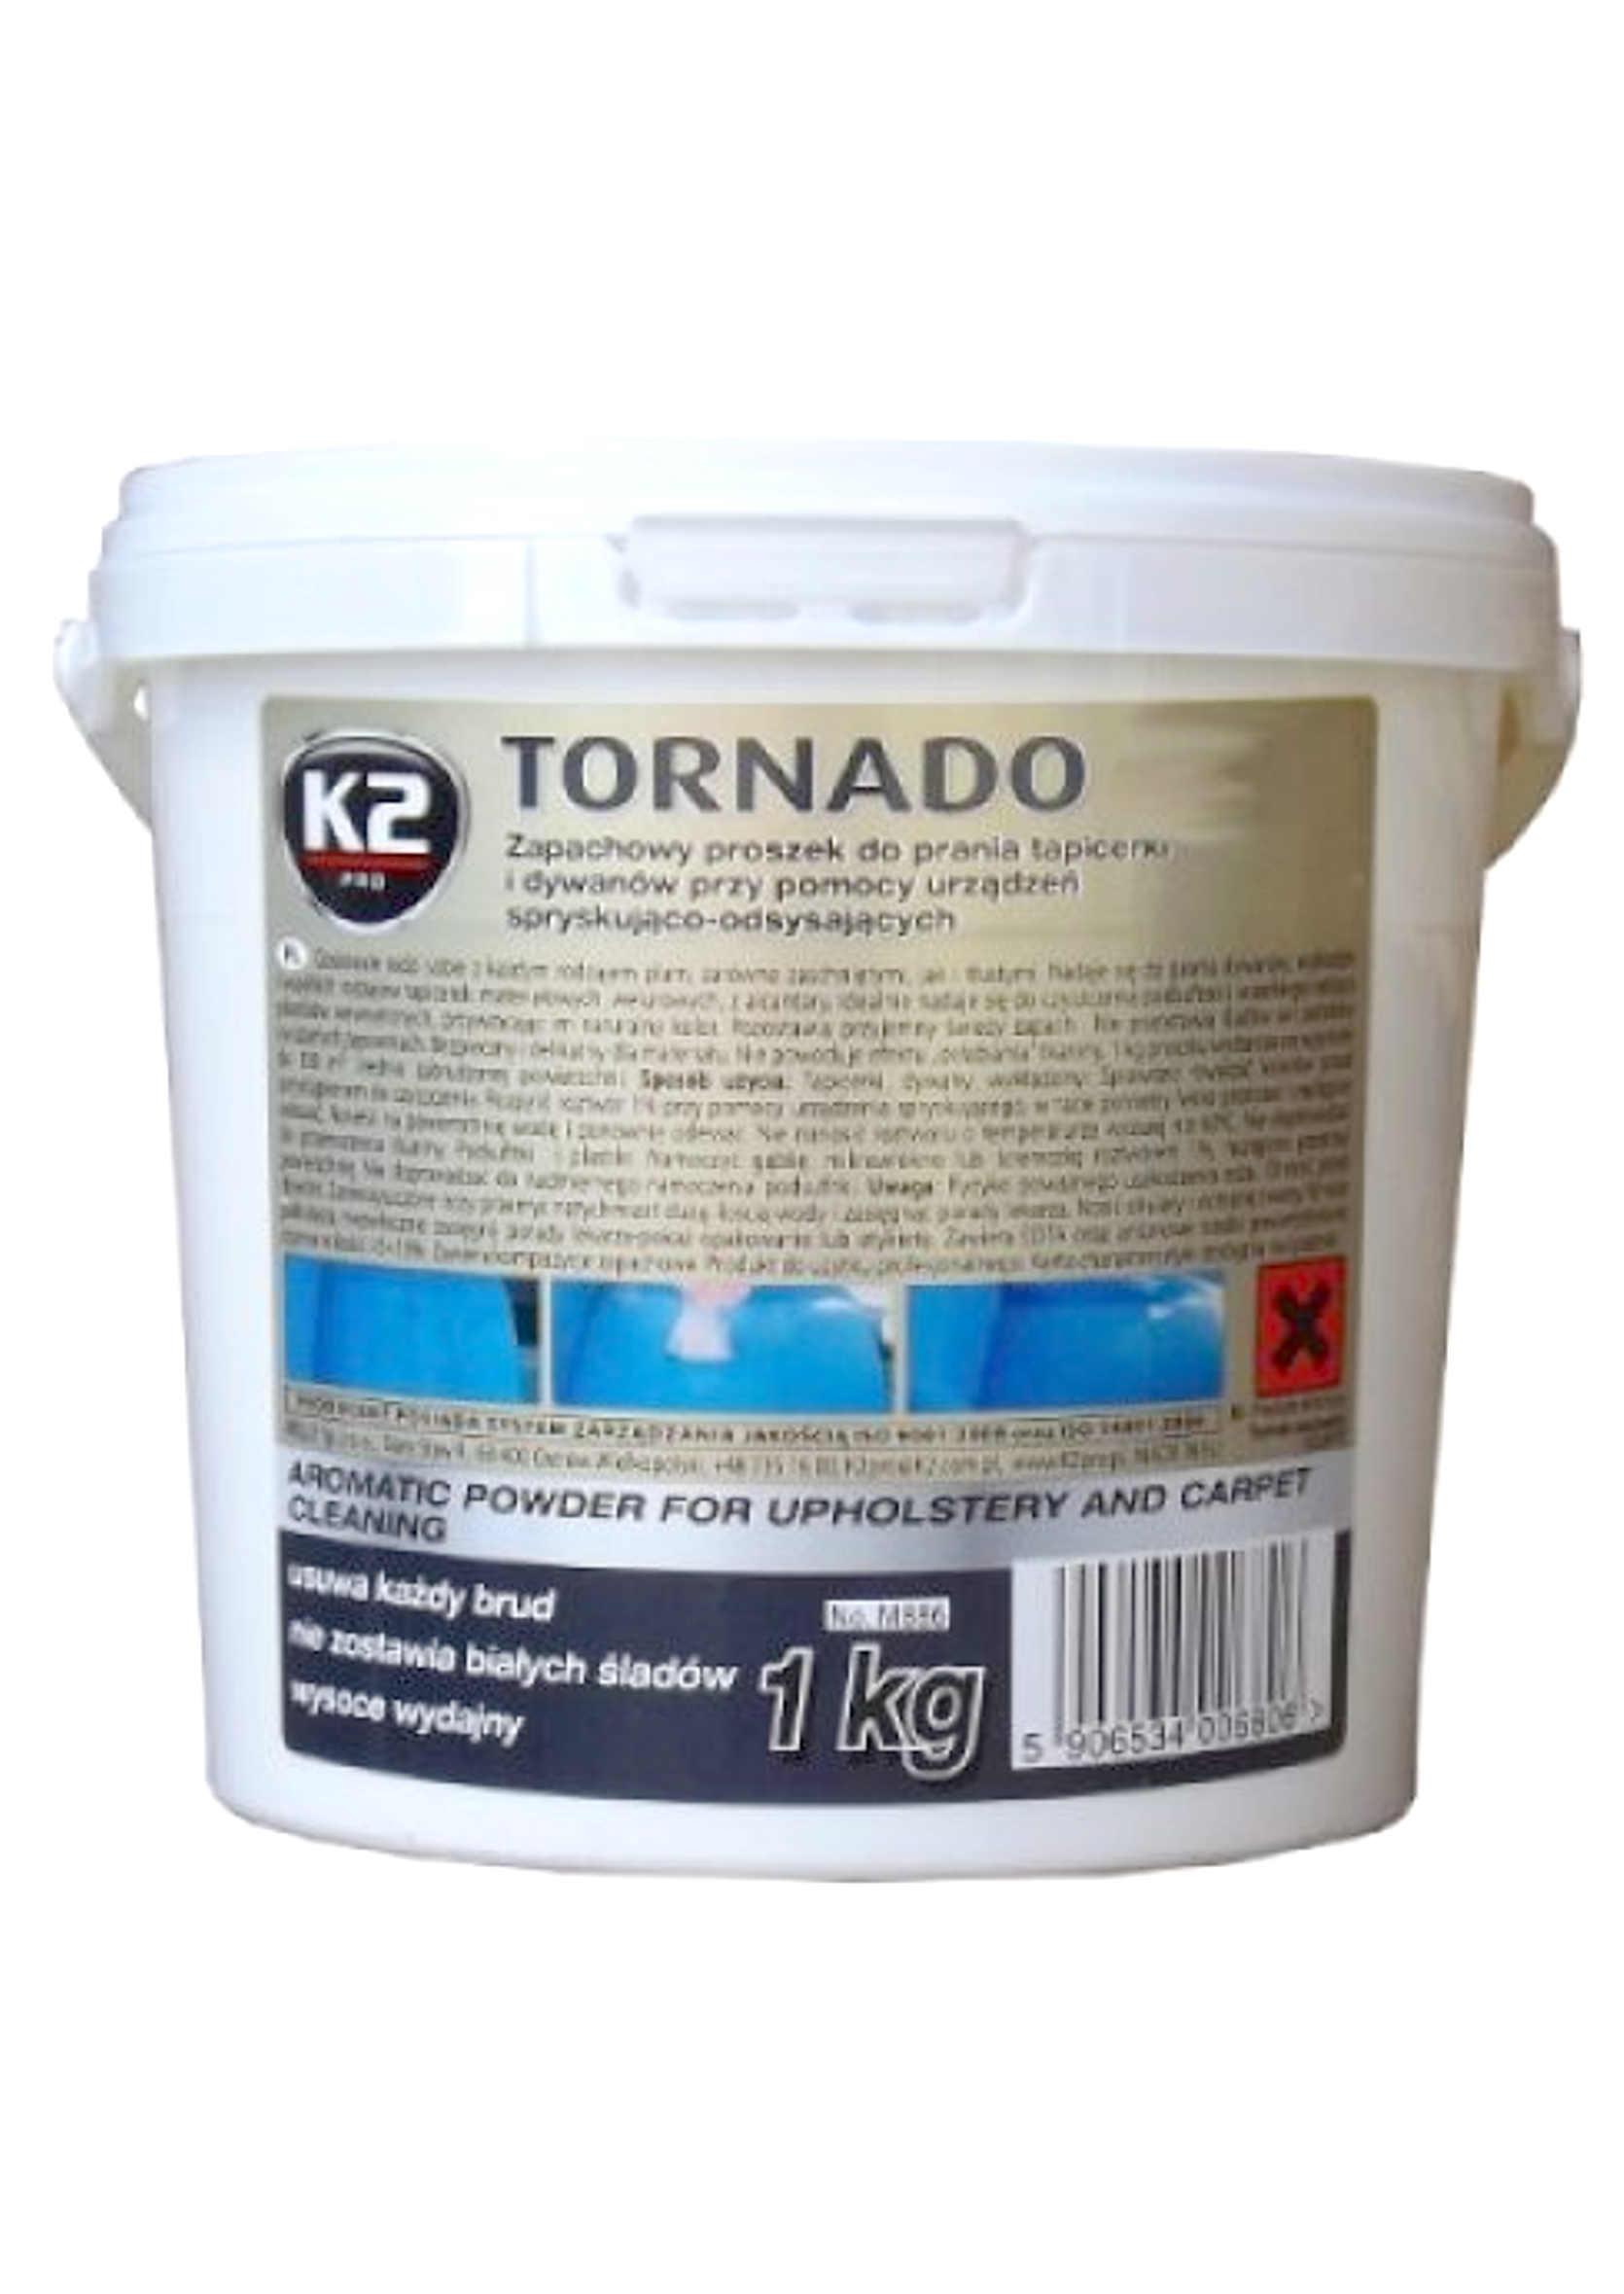 K2 Tornado 1 kg Proszek do prania tapicerki i dywanów